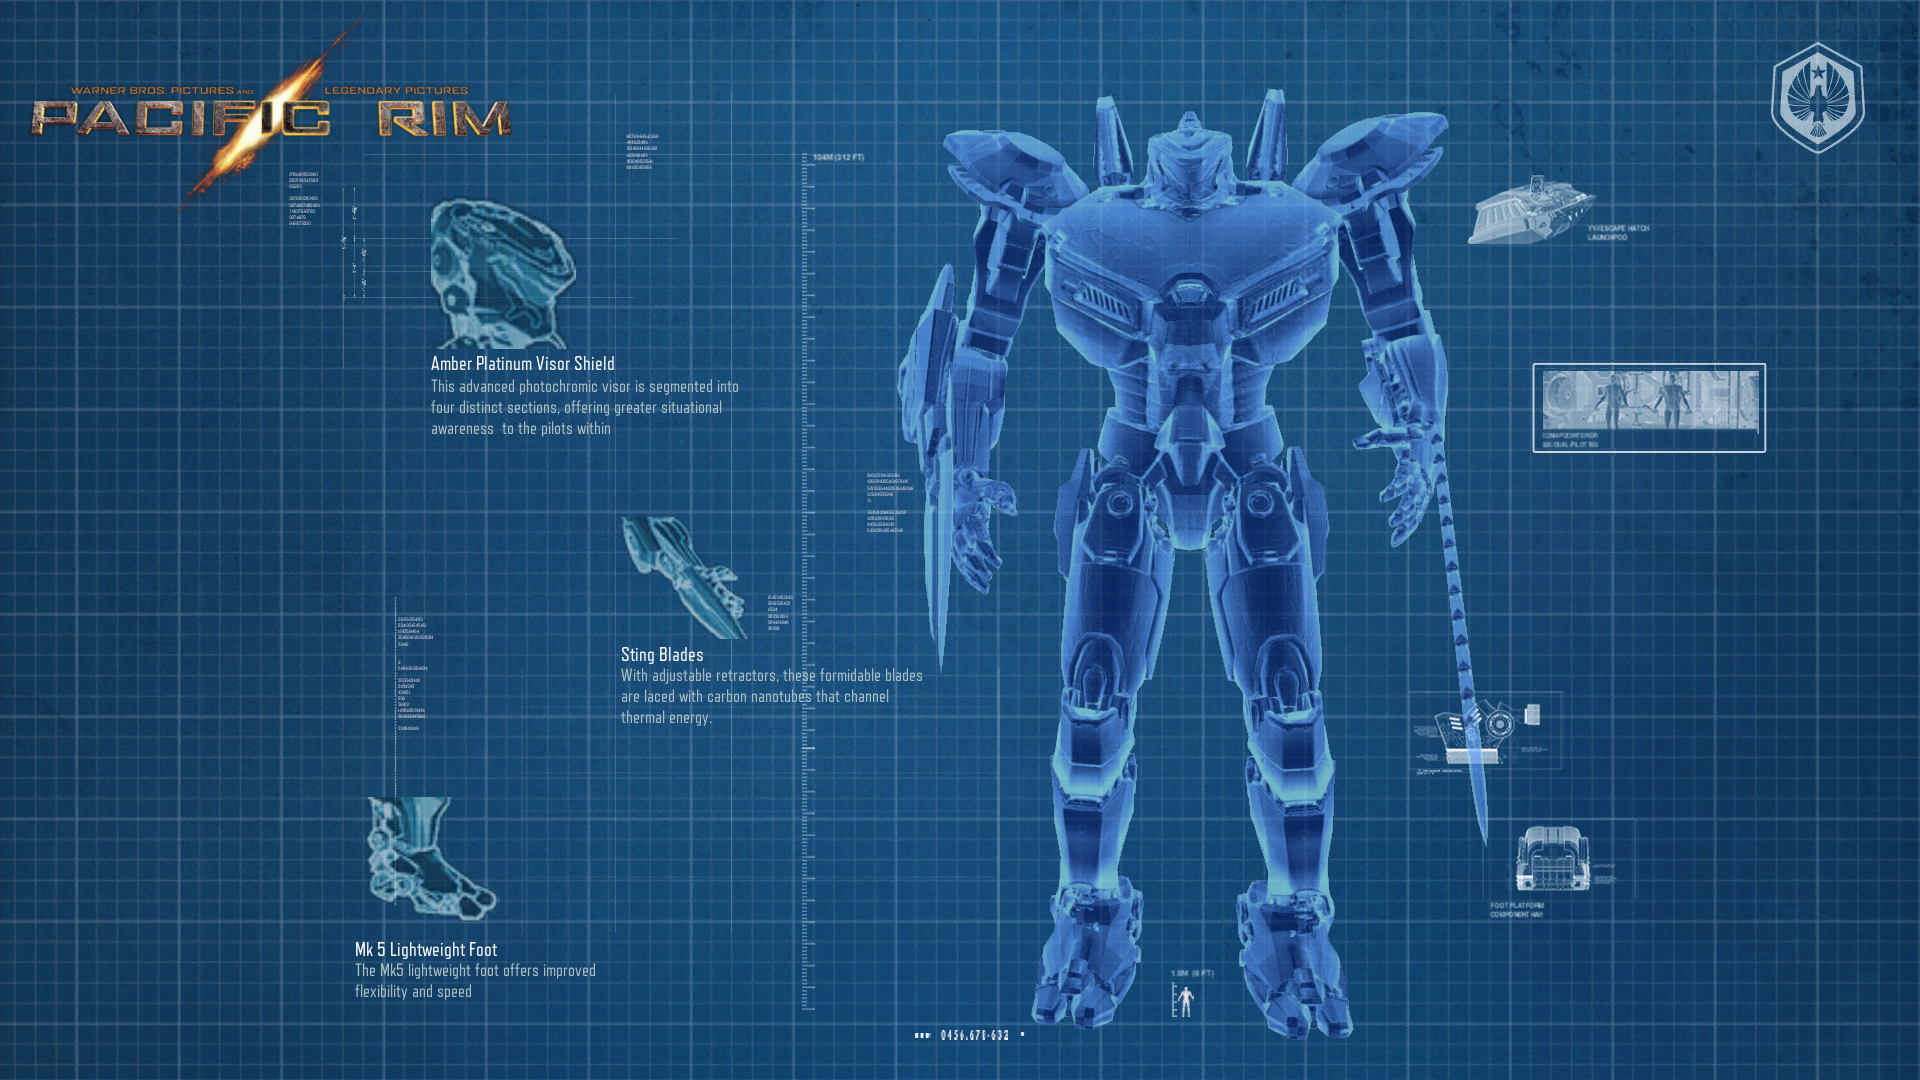 Jaeger tardis alpha blueprint by lolsteve102 on deviantart jaeger tardis alpha blueprint by lolsteve102 malvernweather Images